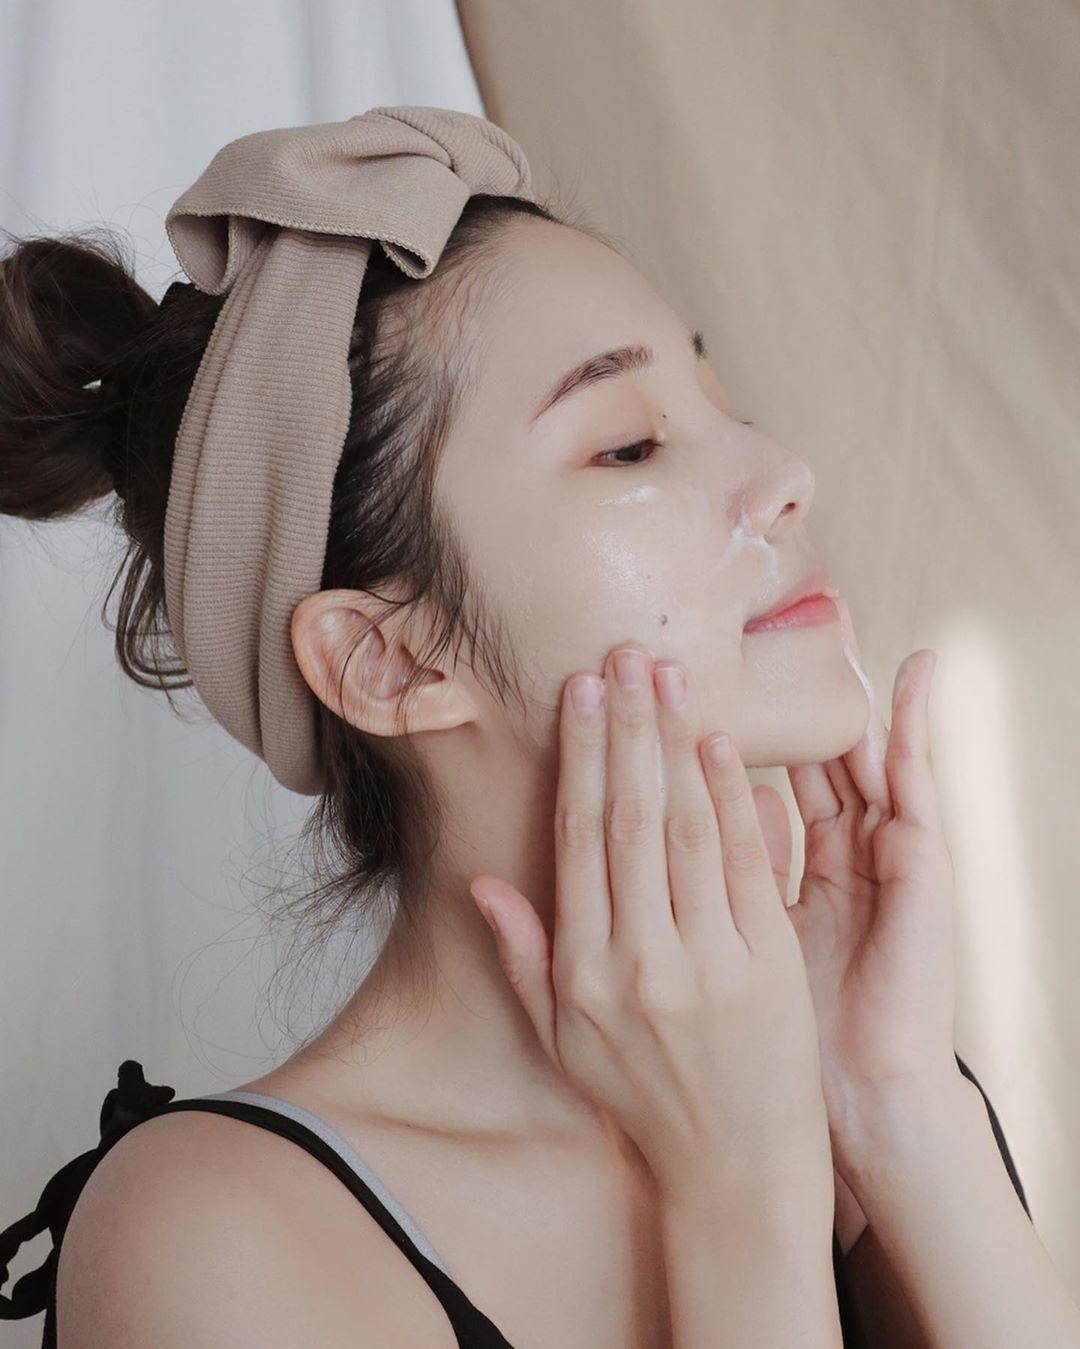 3 bước skin care nhất định phải thực hiện vào buổi tối, nếu không cứ xác định da xấu vô phương cứu chữa - Ảnh 2.